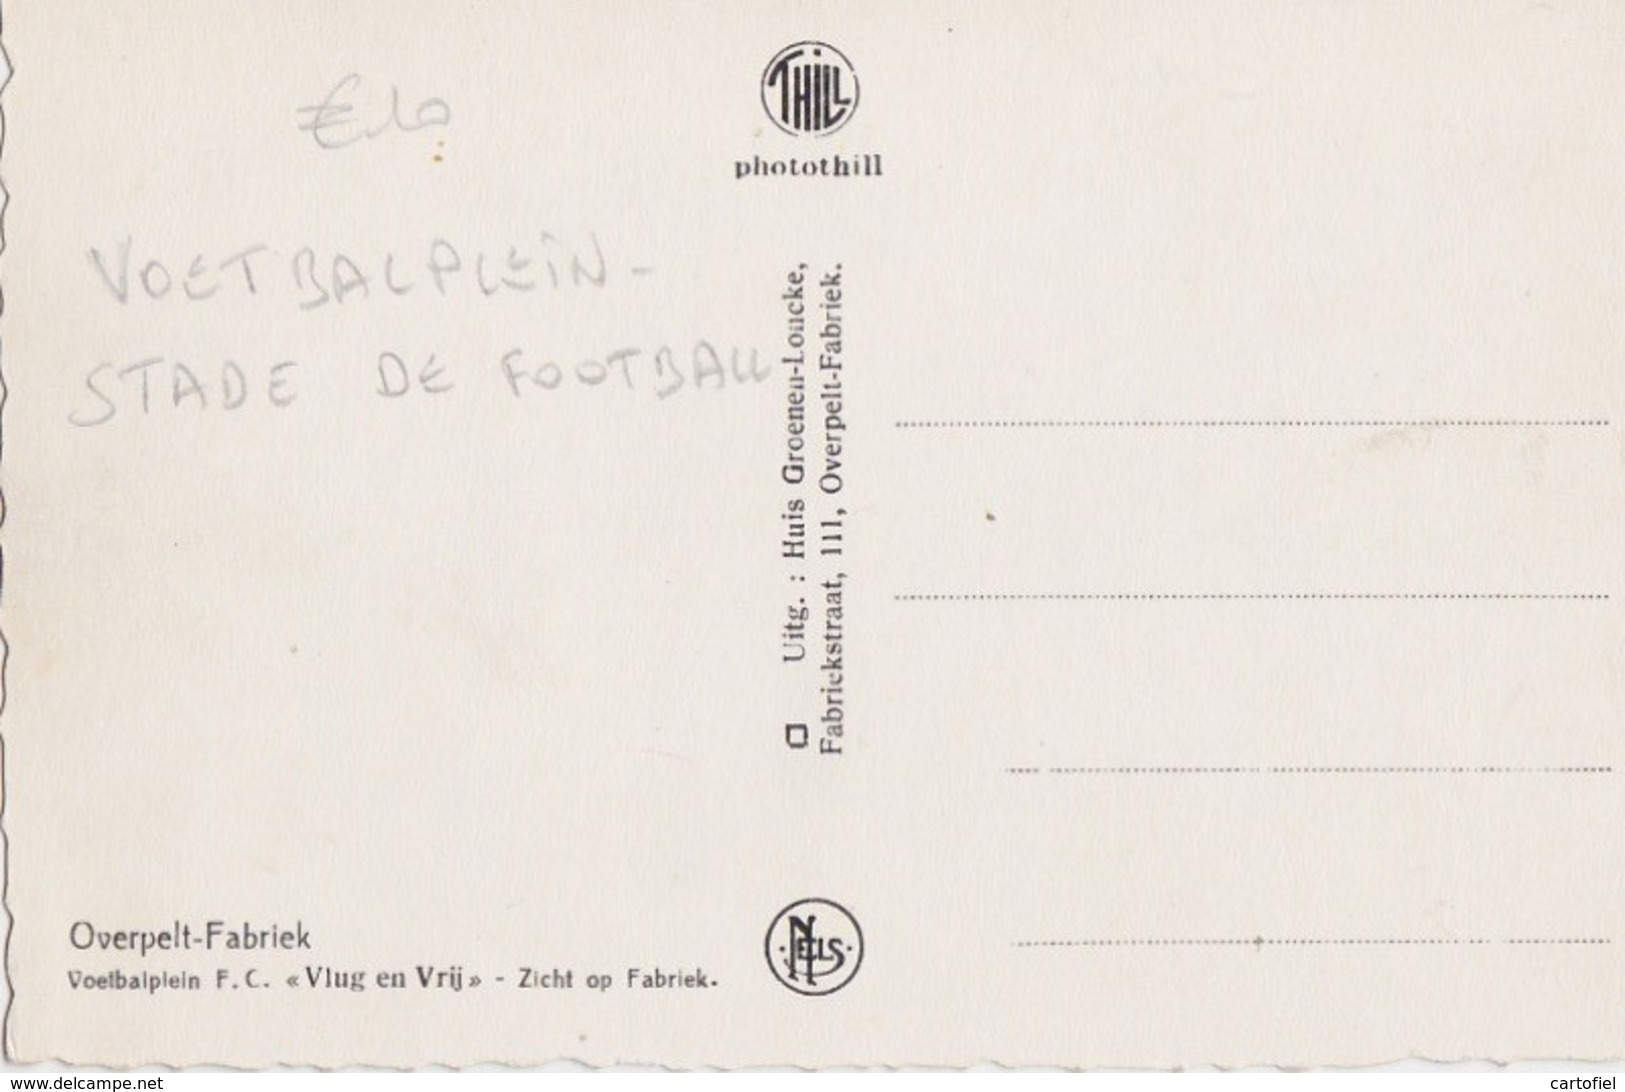 OVERPELT-FABRIEK-VOETBALPLEIN-F.C. VLUG EN VRIJ-STADE DE FOOTBALL-UITGAVE HUIS GROENEN-ZIE DE 2 SCANS-MOOI ! ! ! - Overpelt